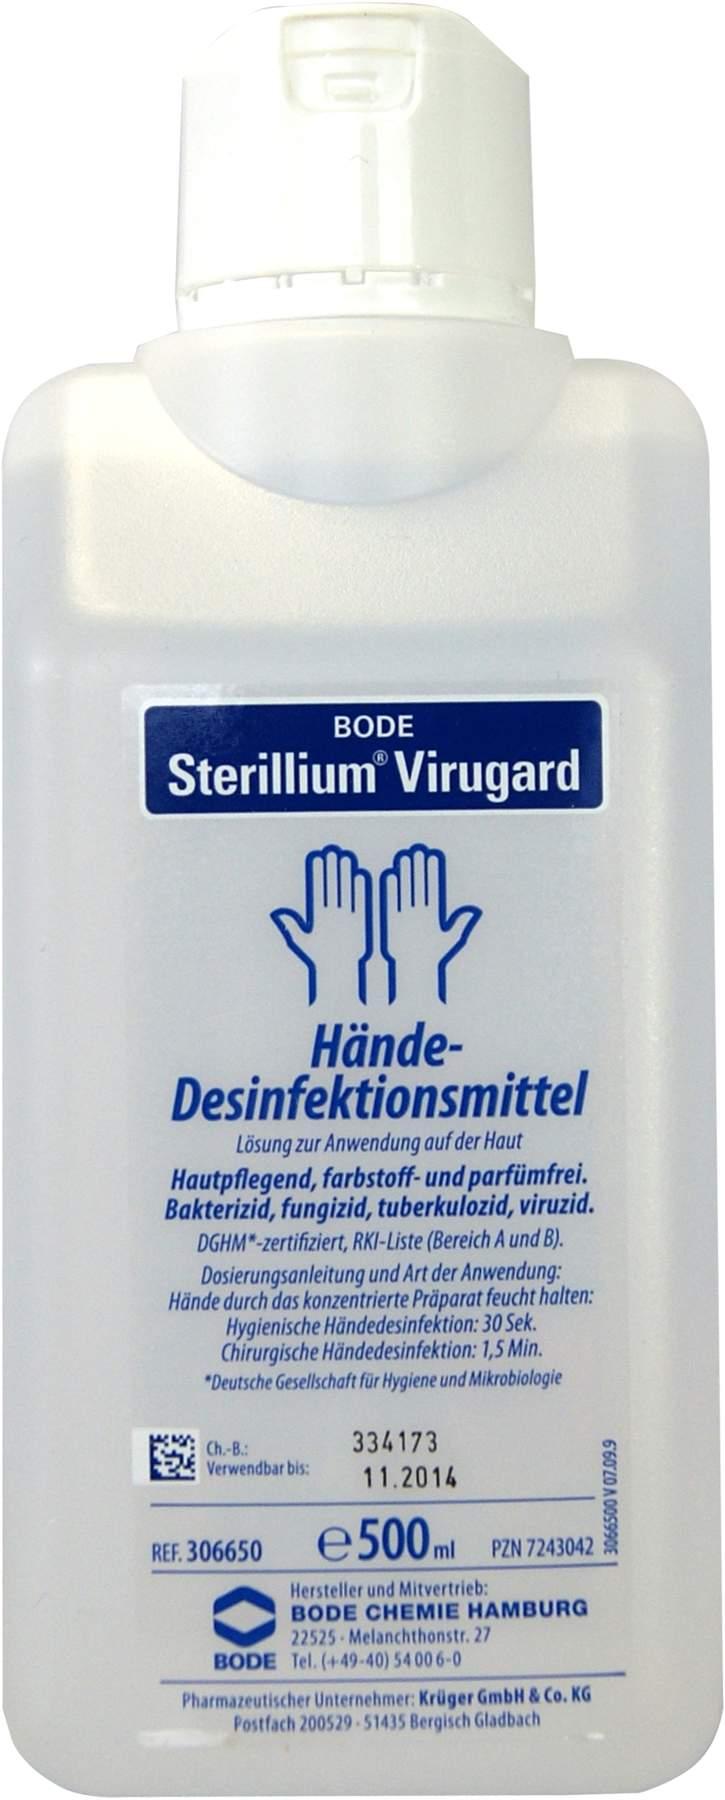 Dr Schnell Cimoskin Haut Und Handedesinfektionsmittel 1 Karton